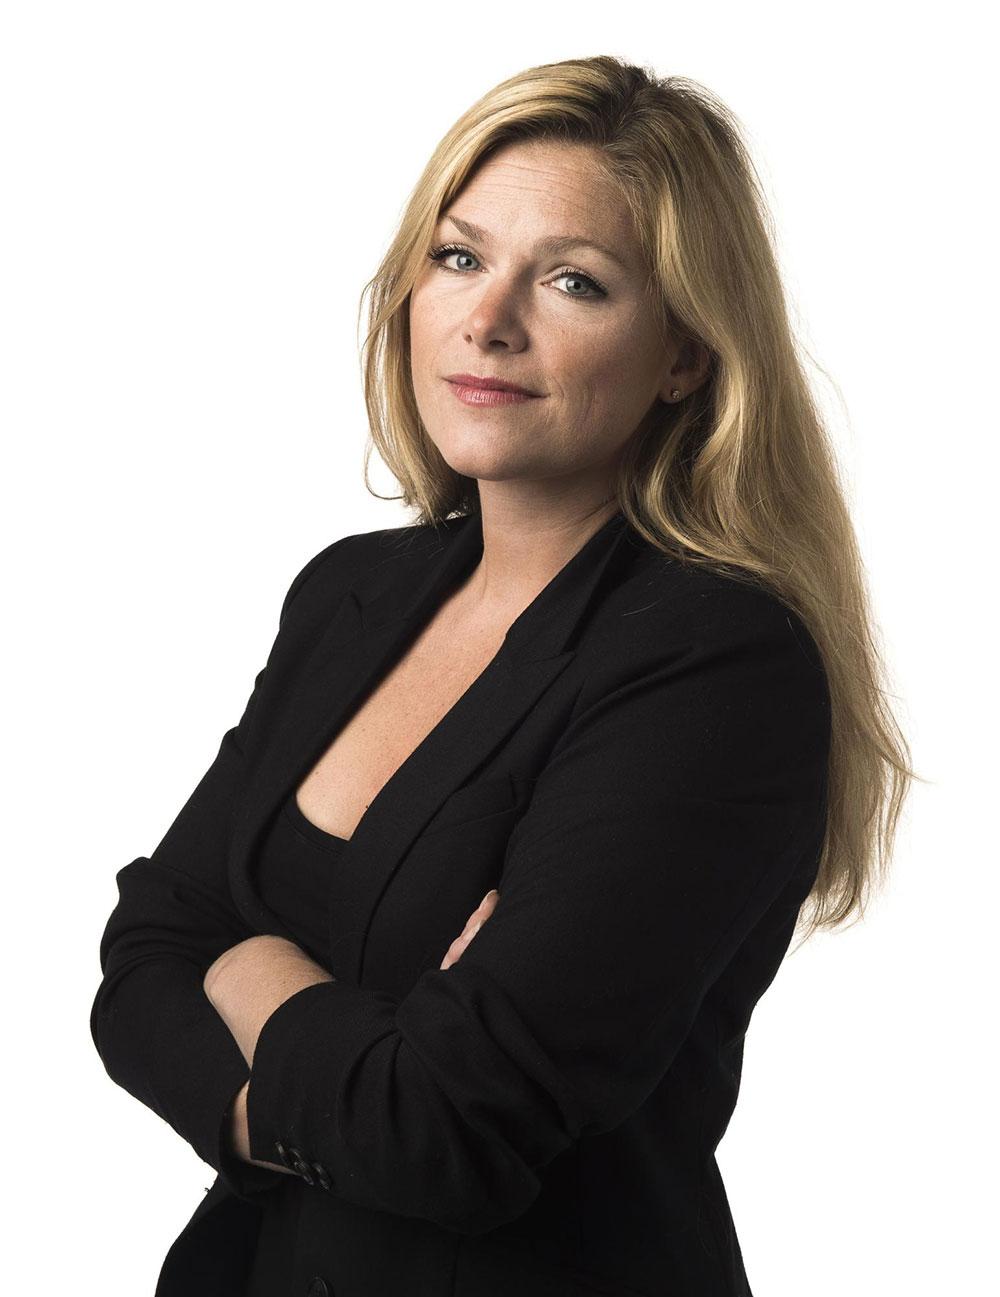 Martine Aurdal om klær og mote